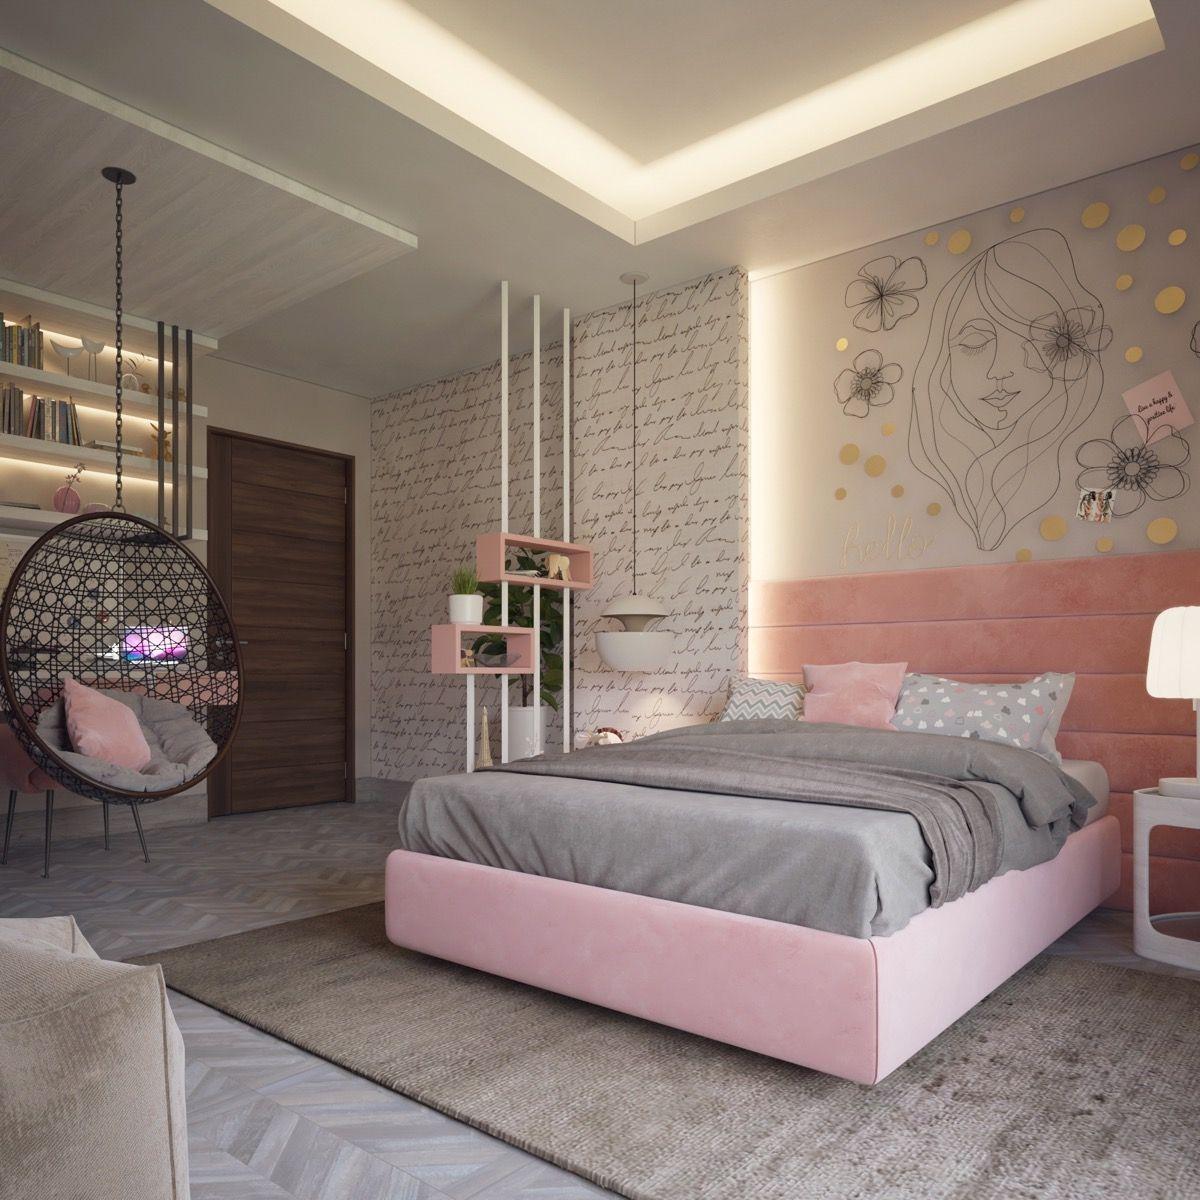 3 غرف نوم حديثة